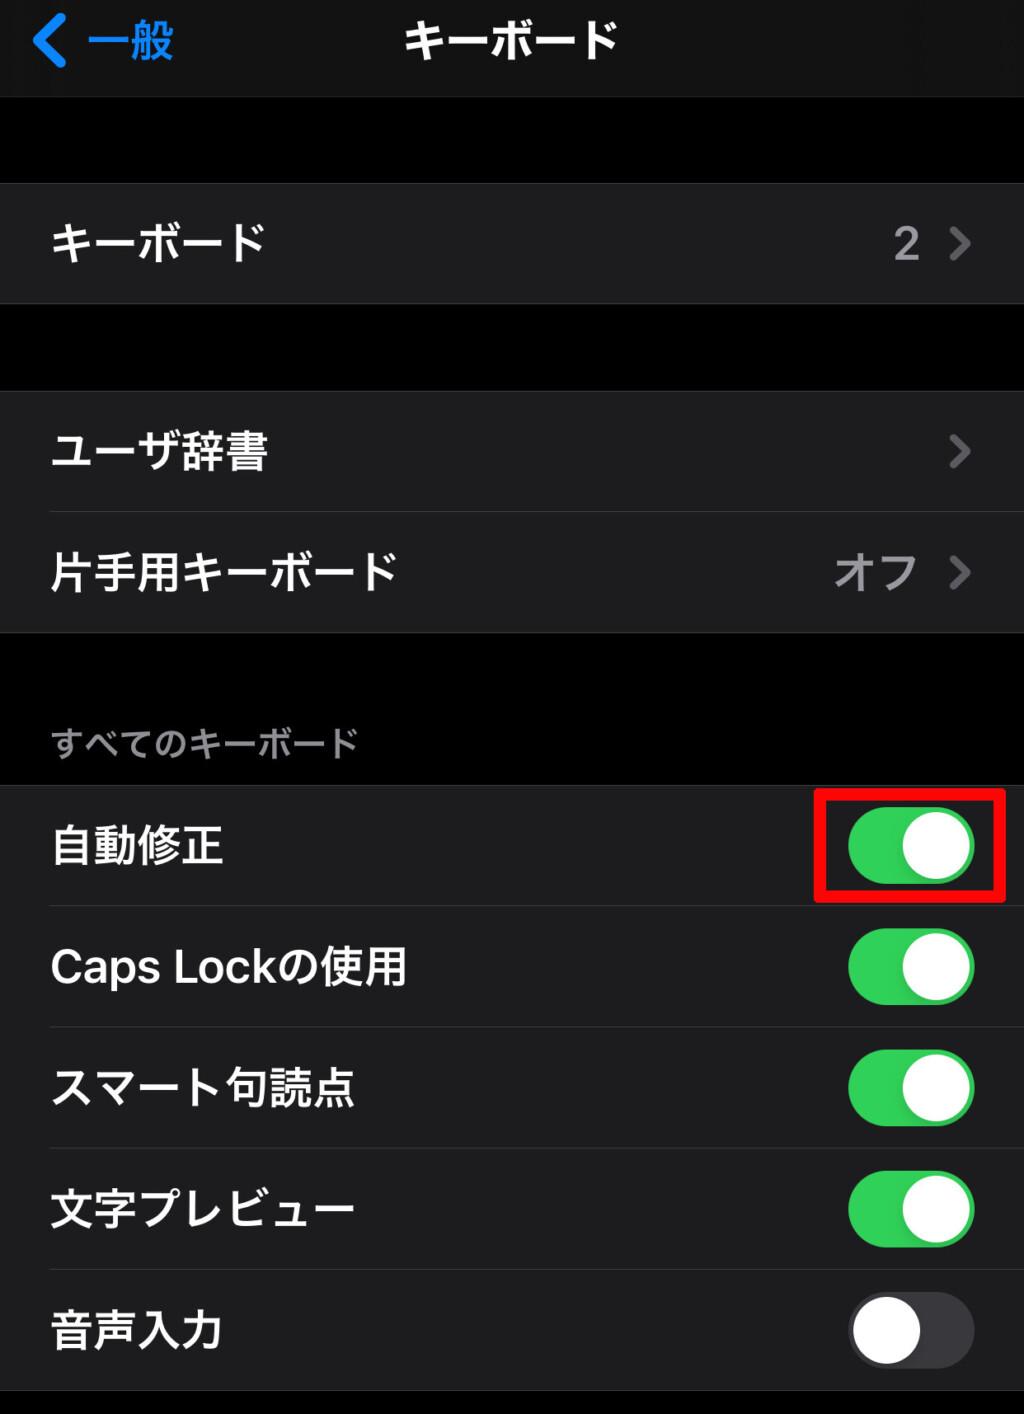 「キーボード」の設定の「すべてのキーボード」の設定内にある「自動修正」の緑色になっている部分をタップし、